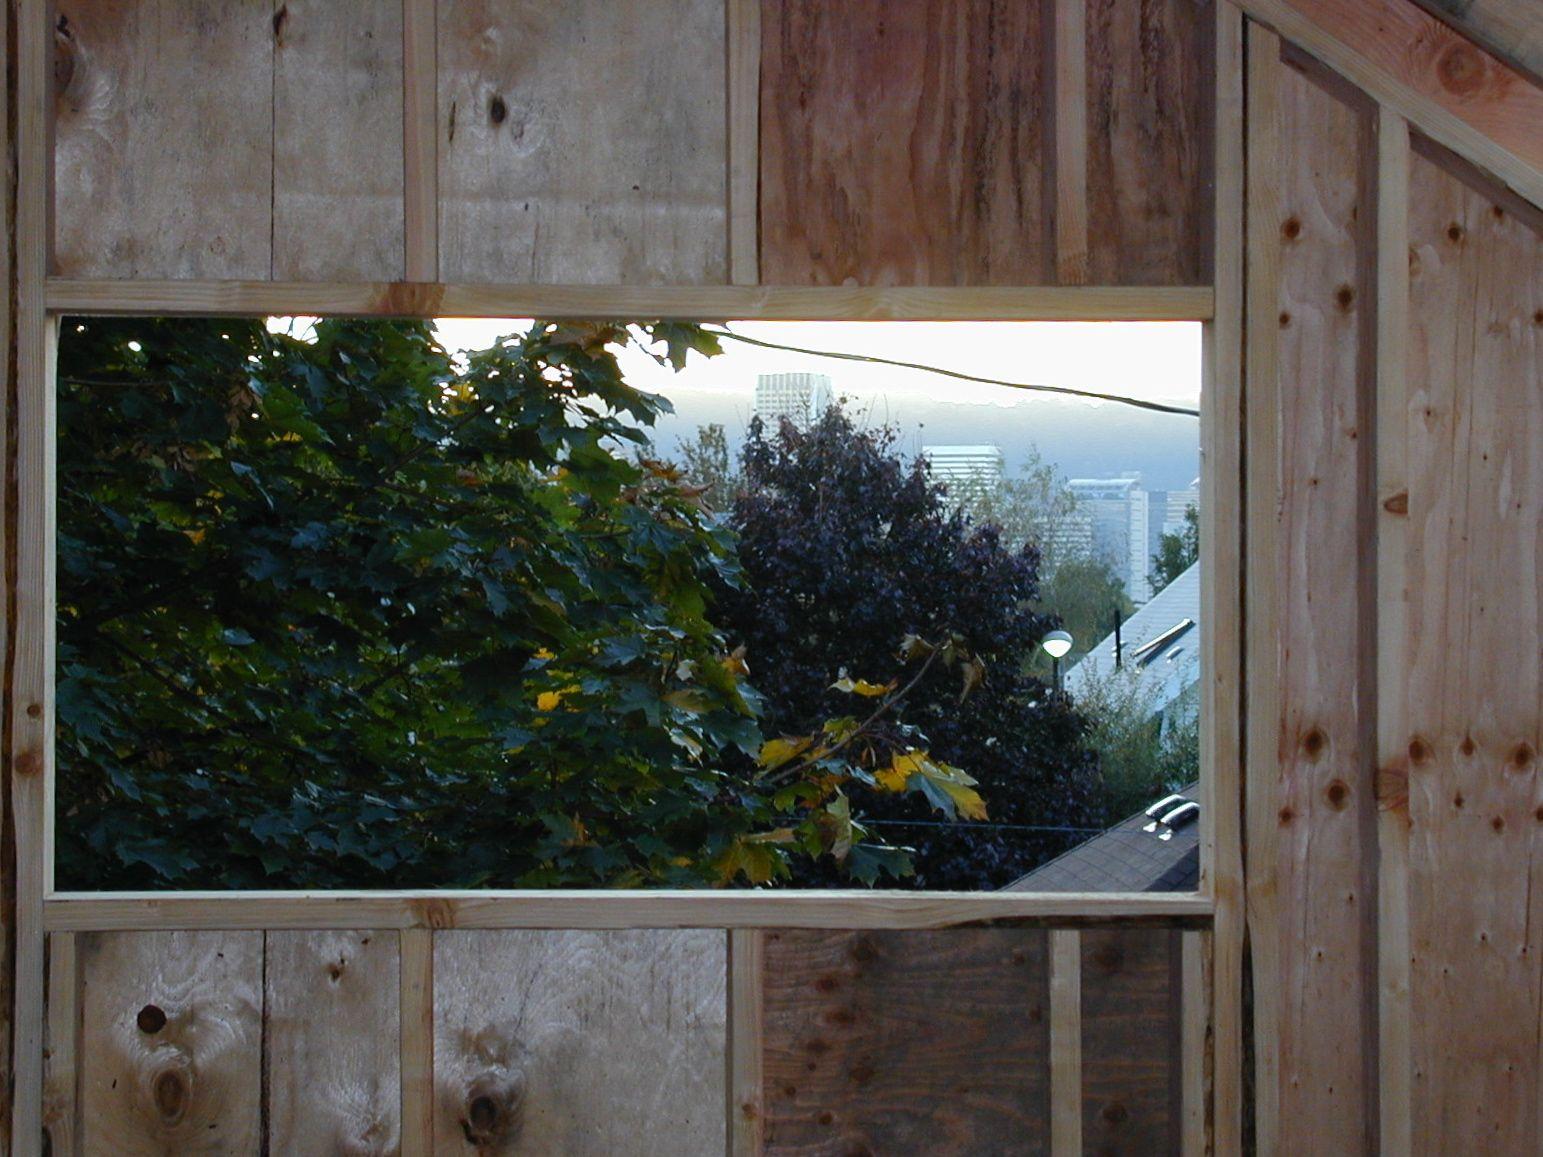 2003 Q4 Duplex 2nd Unit07.jpg